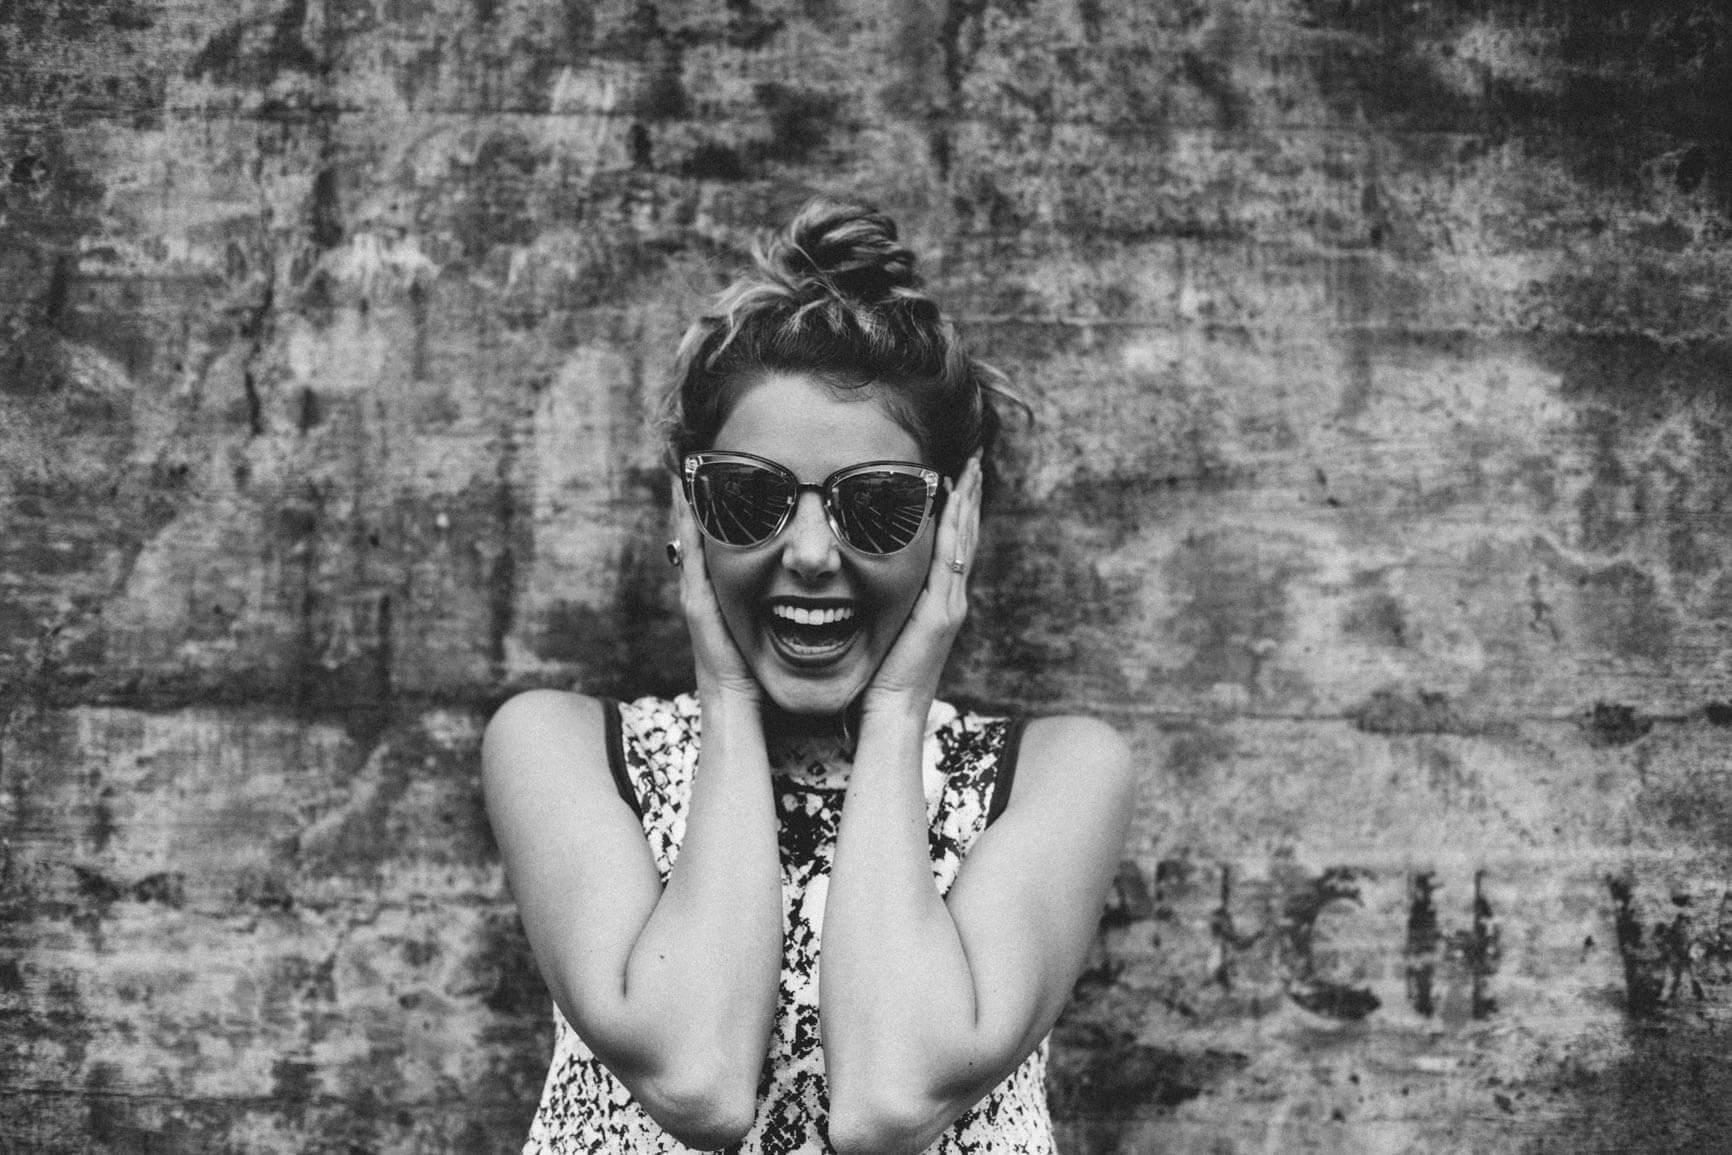 La vida es más bonita cuando la miras con una sonrisa